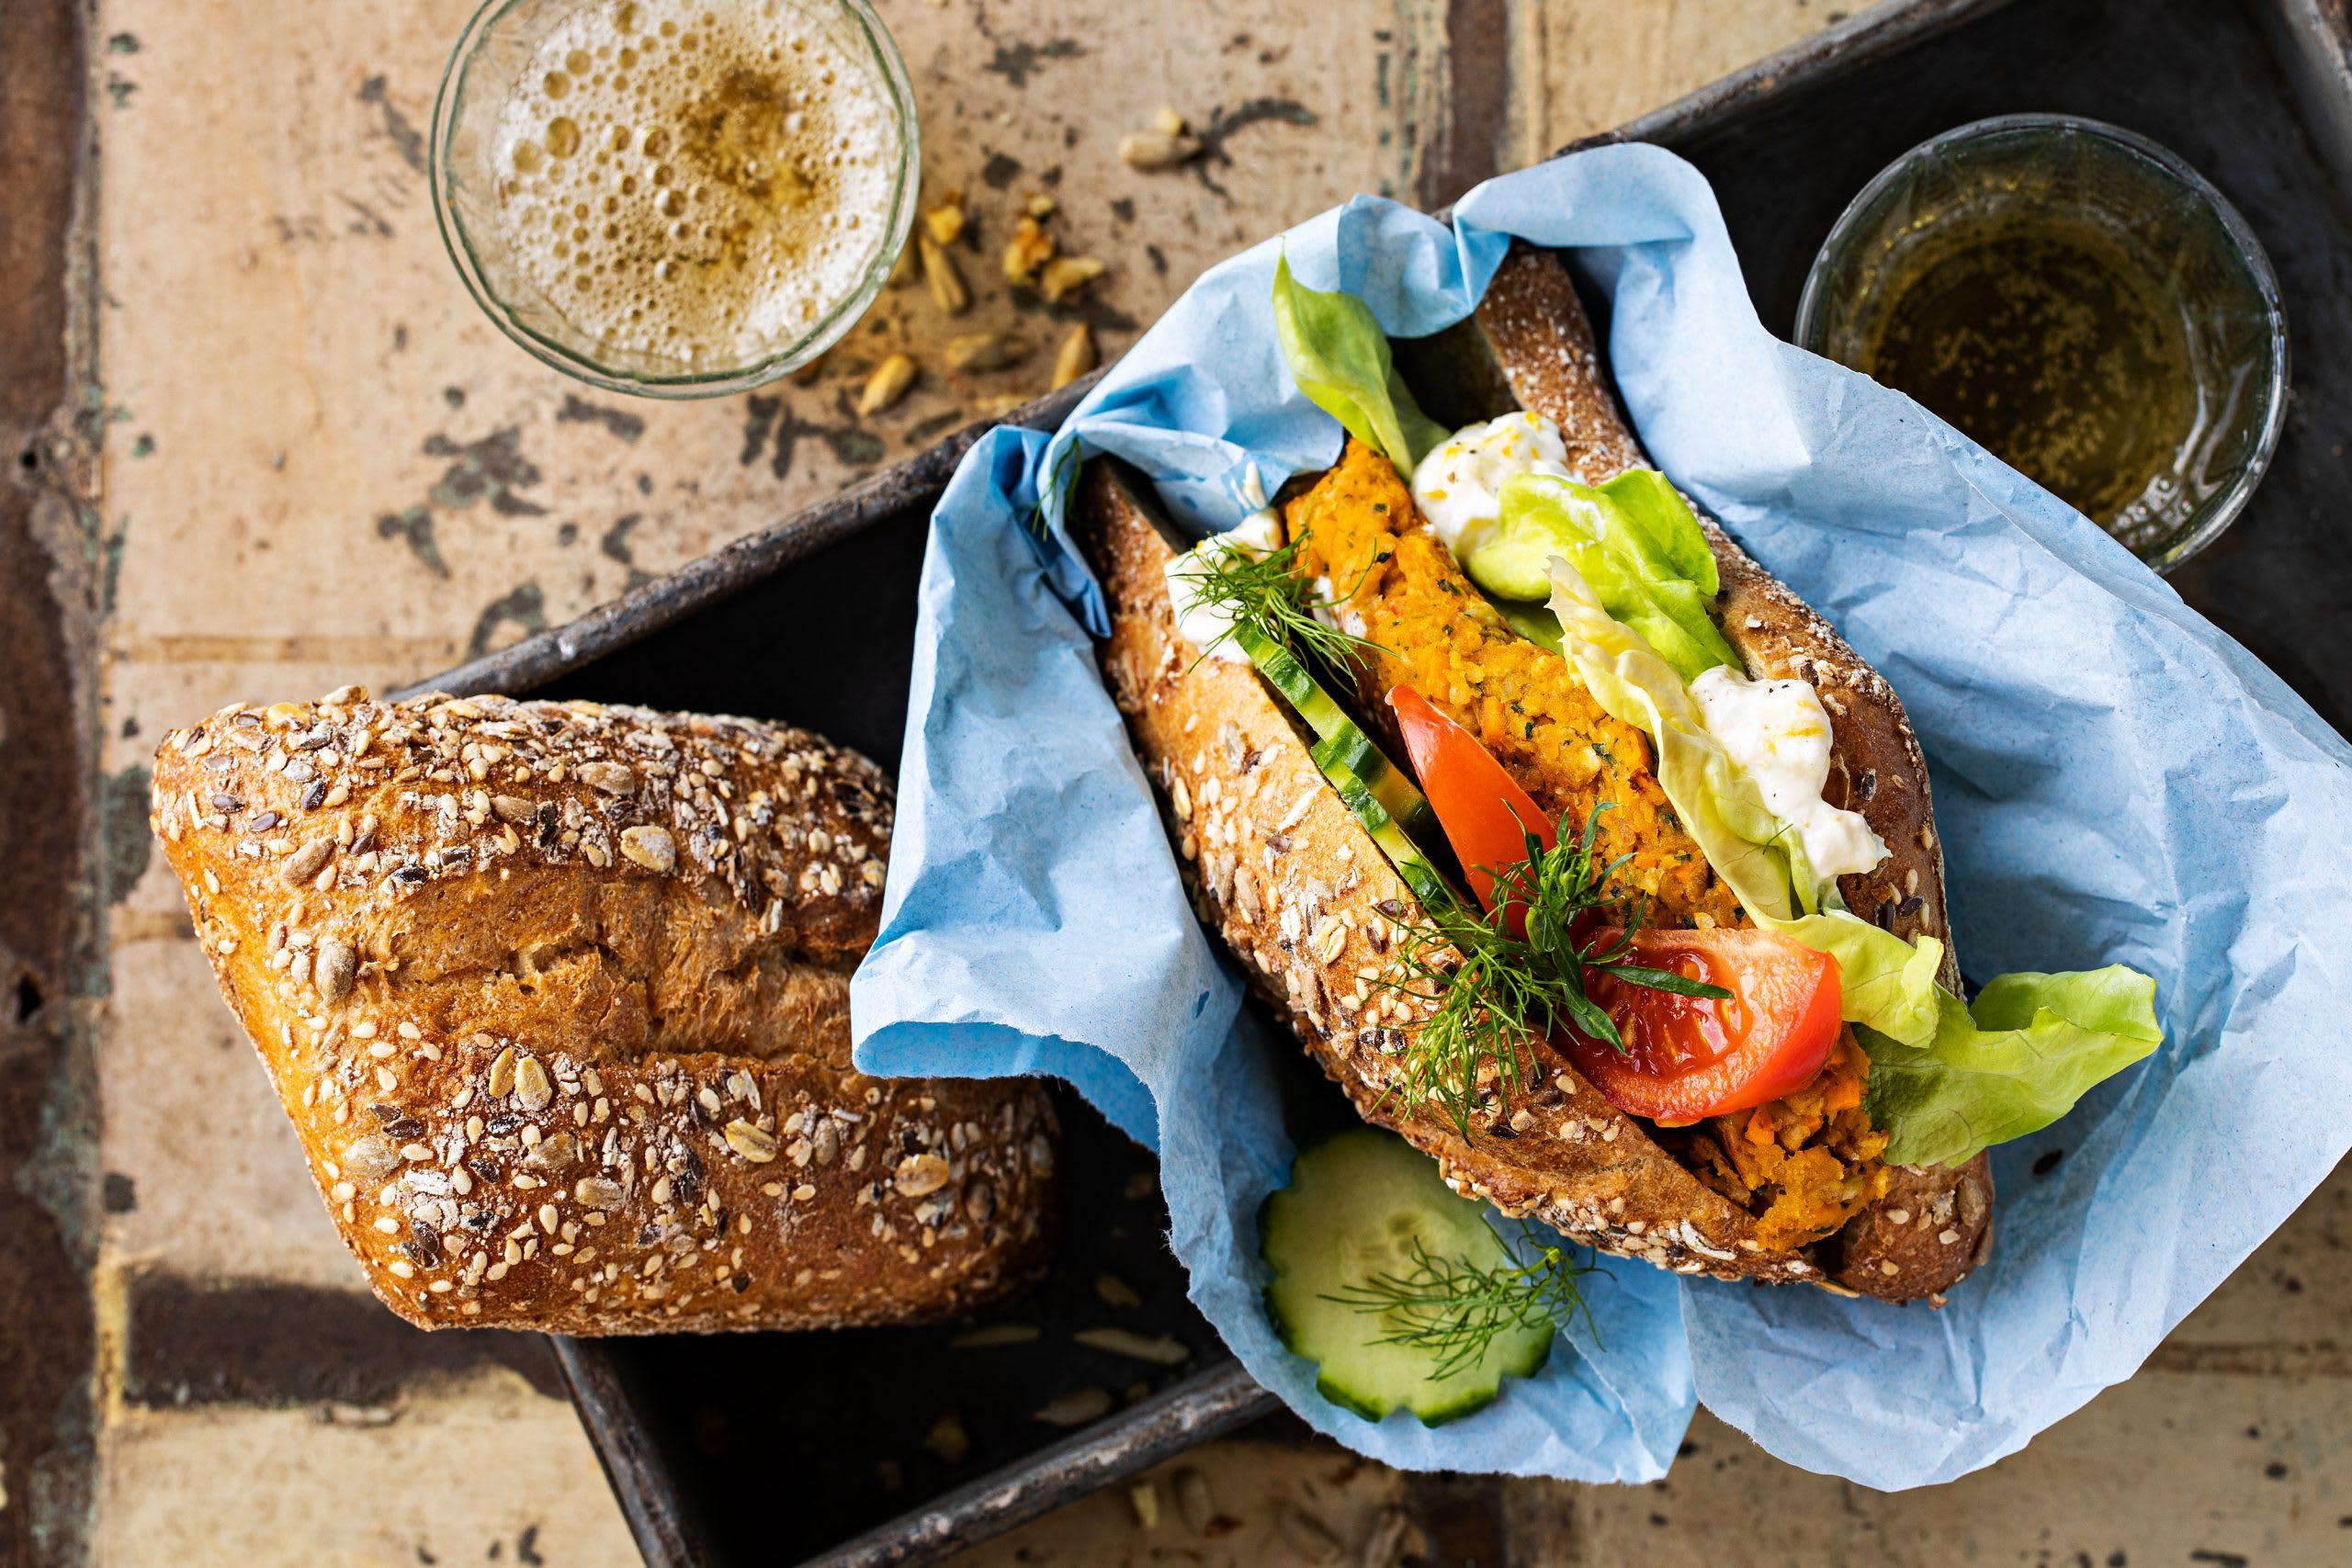 Süsskartoffel-Gemüse-Sandwiches